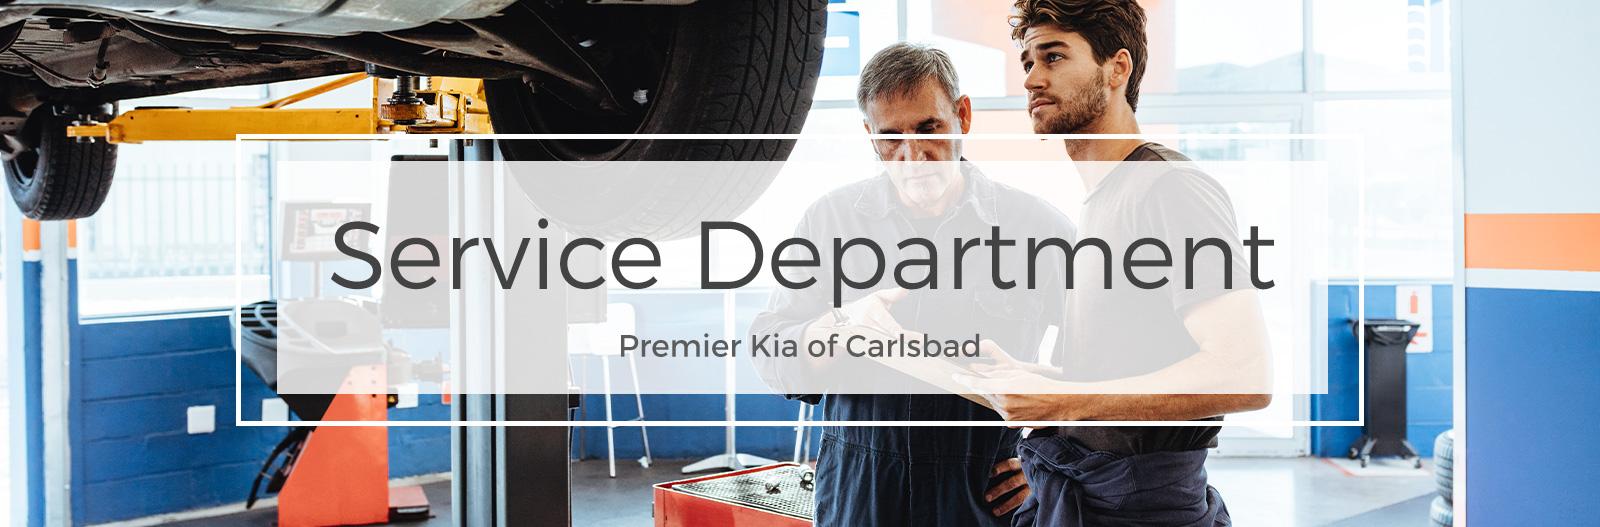 Service at Premier Kia of Carlsbad